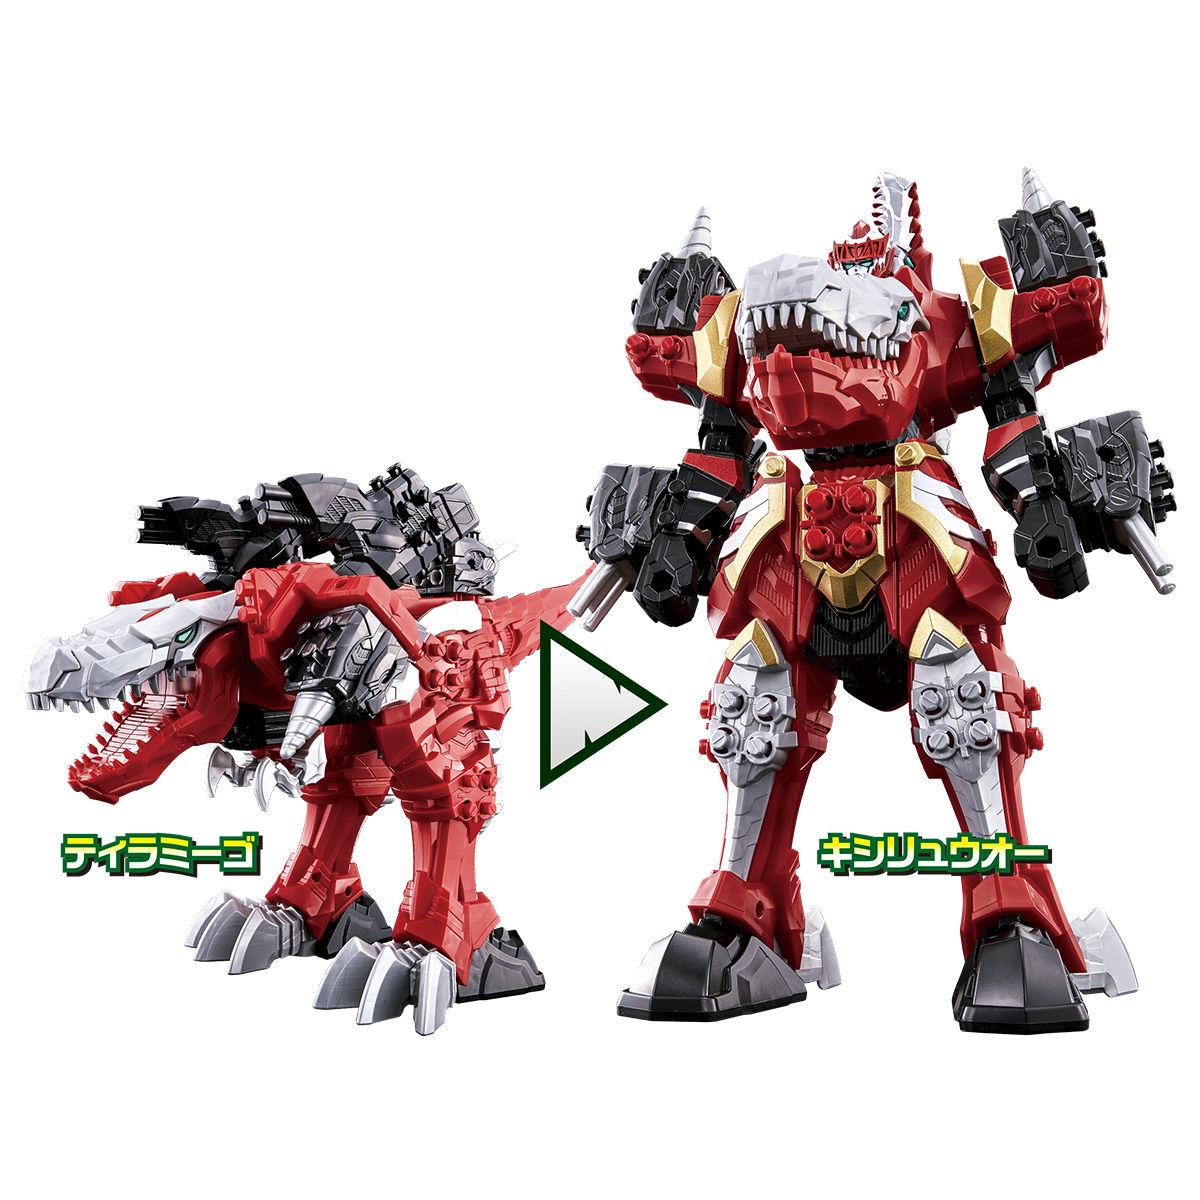 騎士竜戦隊リュウソウジャー『騎士竜シリーズ01&02&03 竜装合体 DXキシリュウオースリーナイツセット』可変可動フィギュア-003